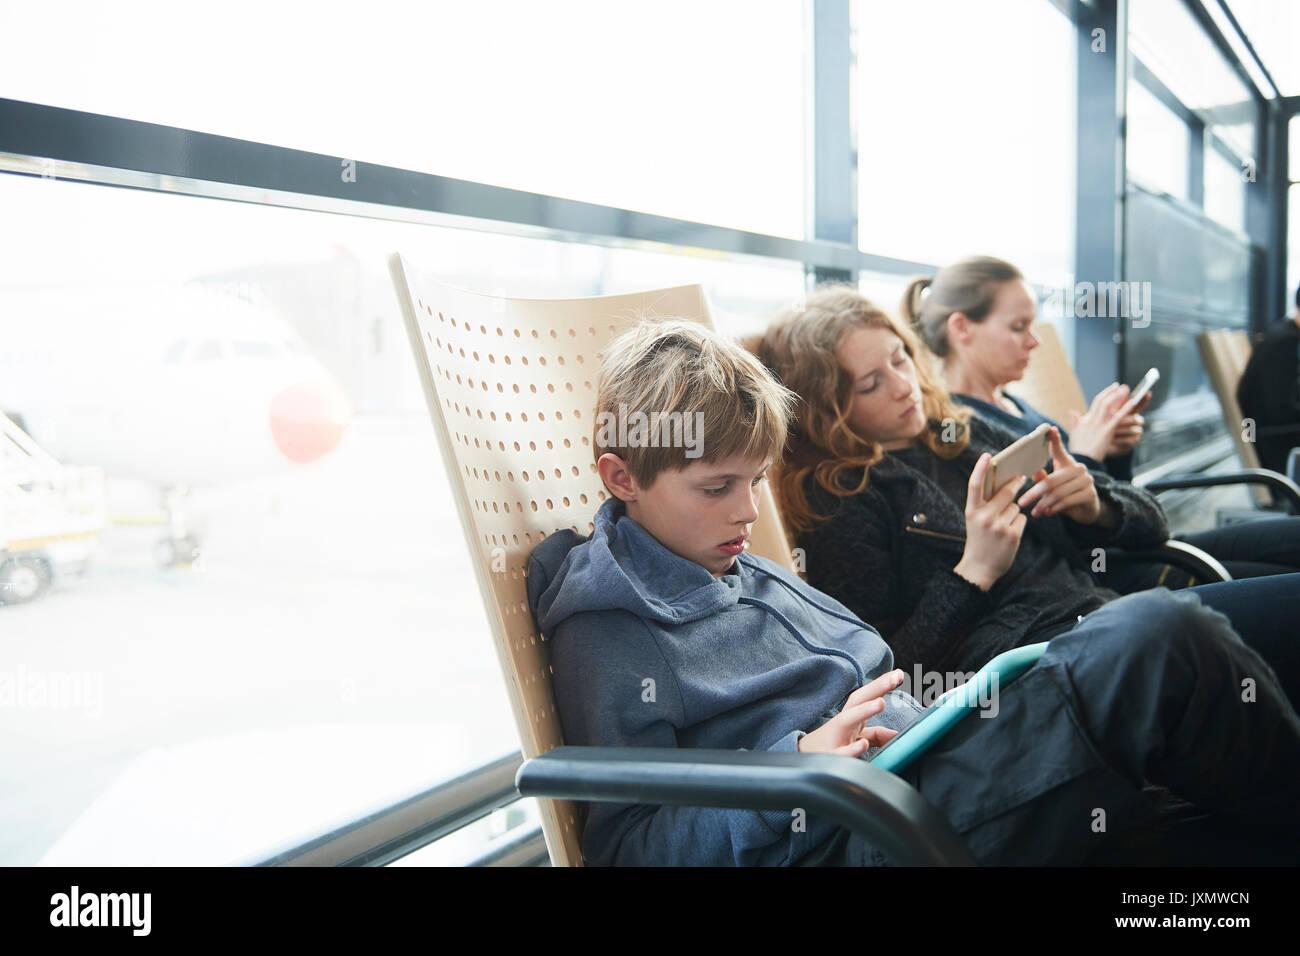 La famiglia a aeroporto sul modo per vacanza, Copenhagen, Danimarca Immagini Stock